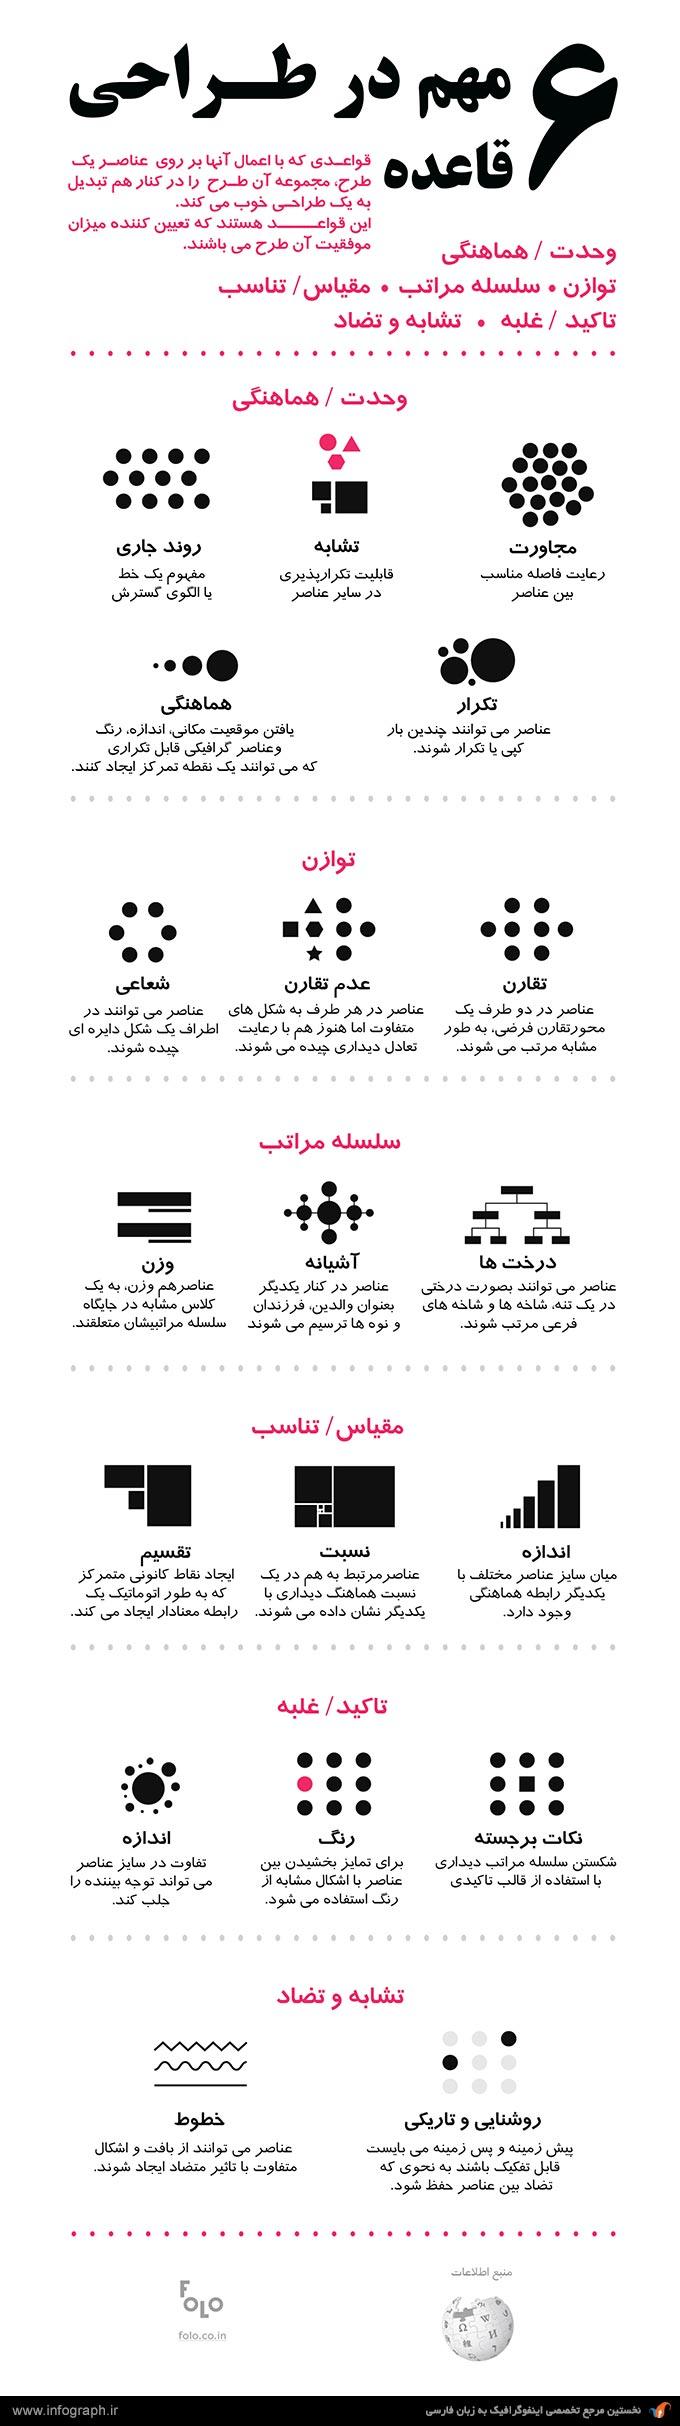 اینفوگرافیک 6 قاعده مهم در طراحی